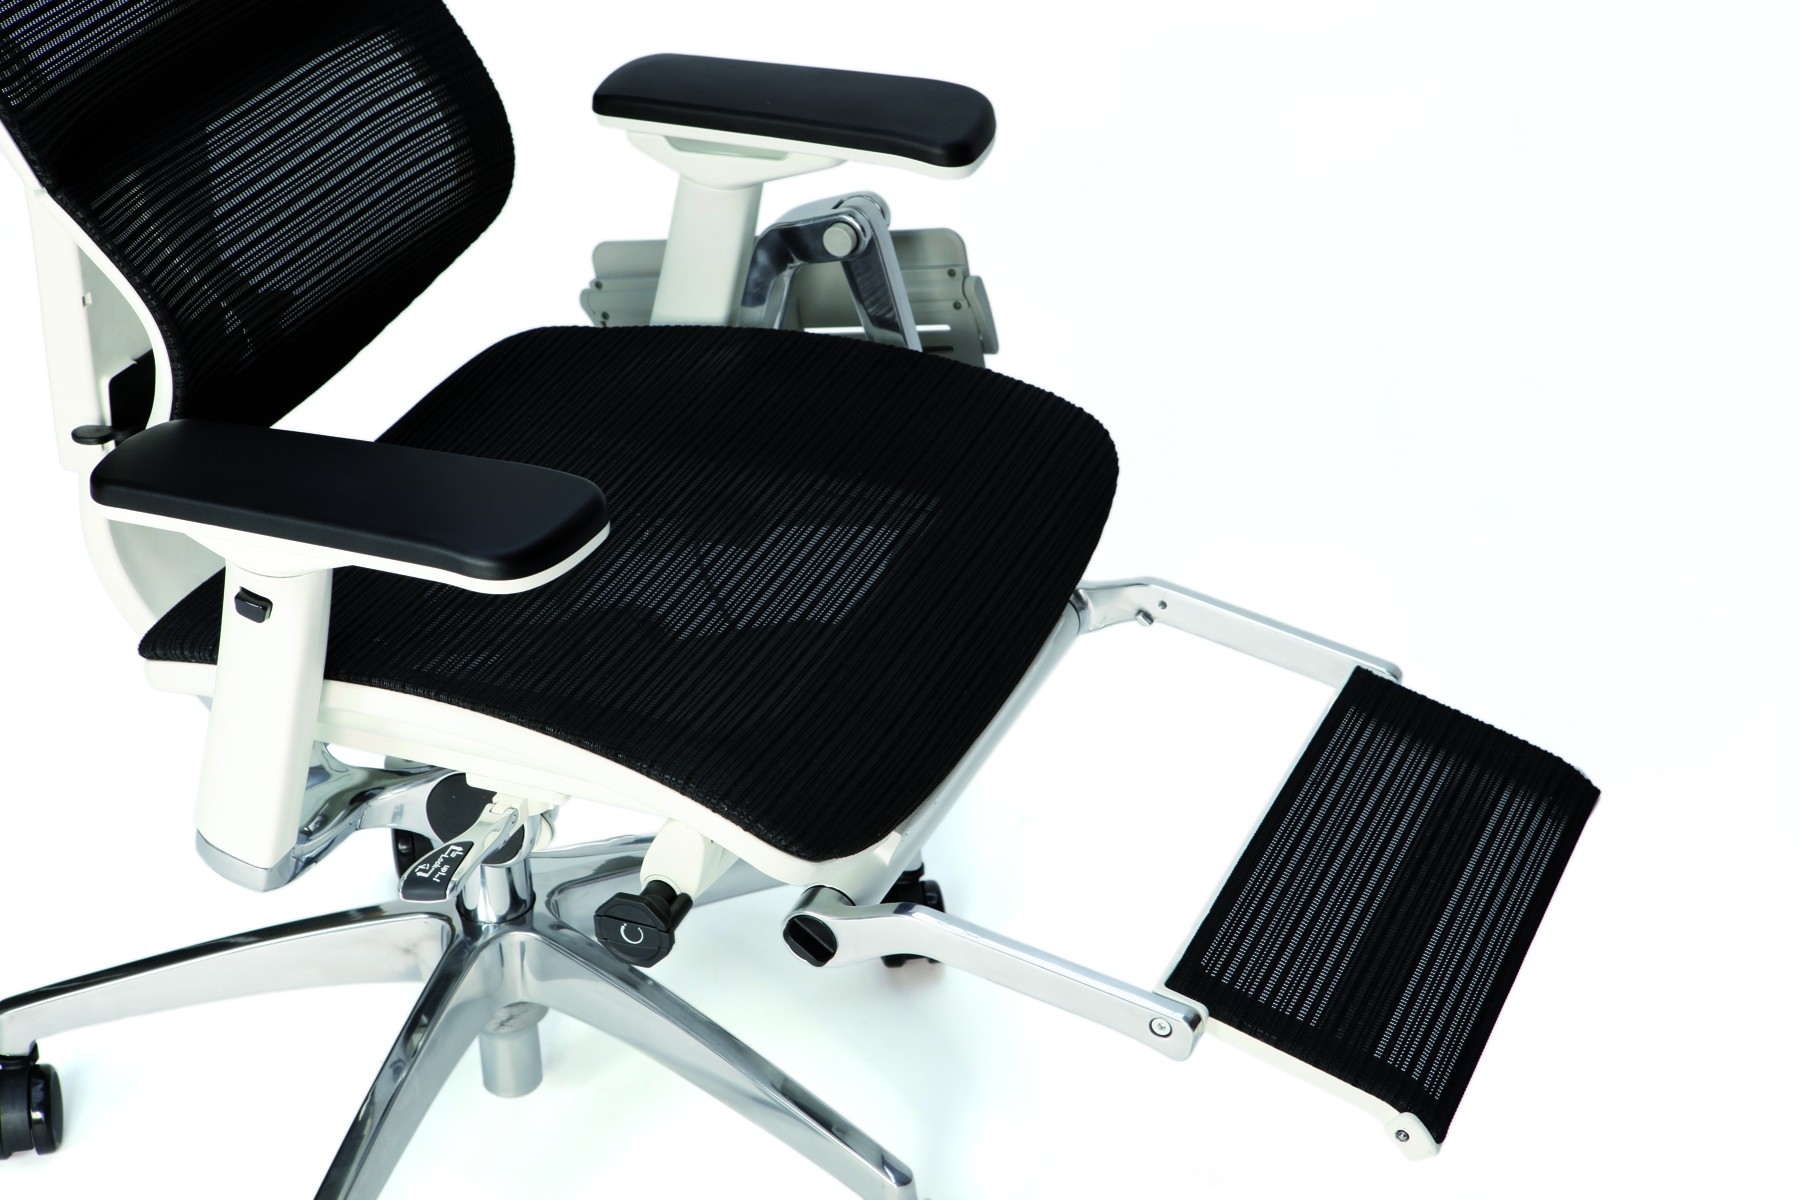 fauteuil de bureau ergonomique ultim rp tablette achat si ges ergonomiques 939 00. Black Bedroom Furniture Sets. Home Design Ideas